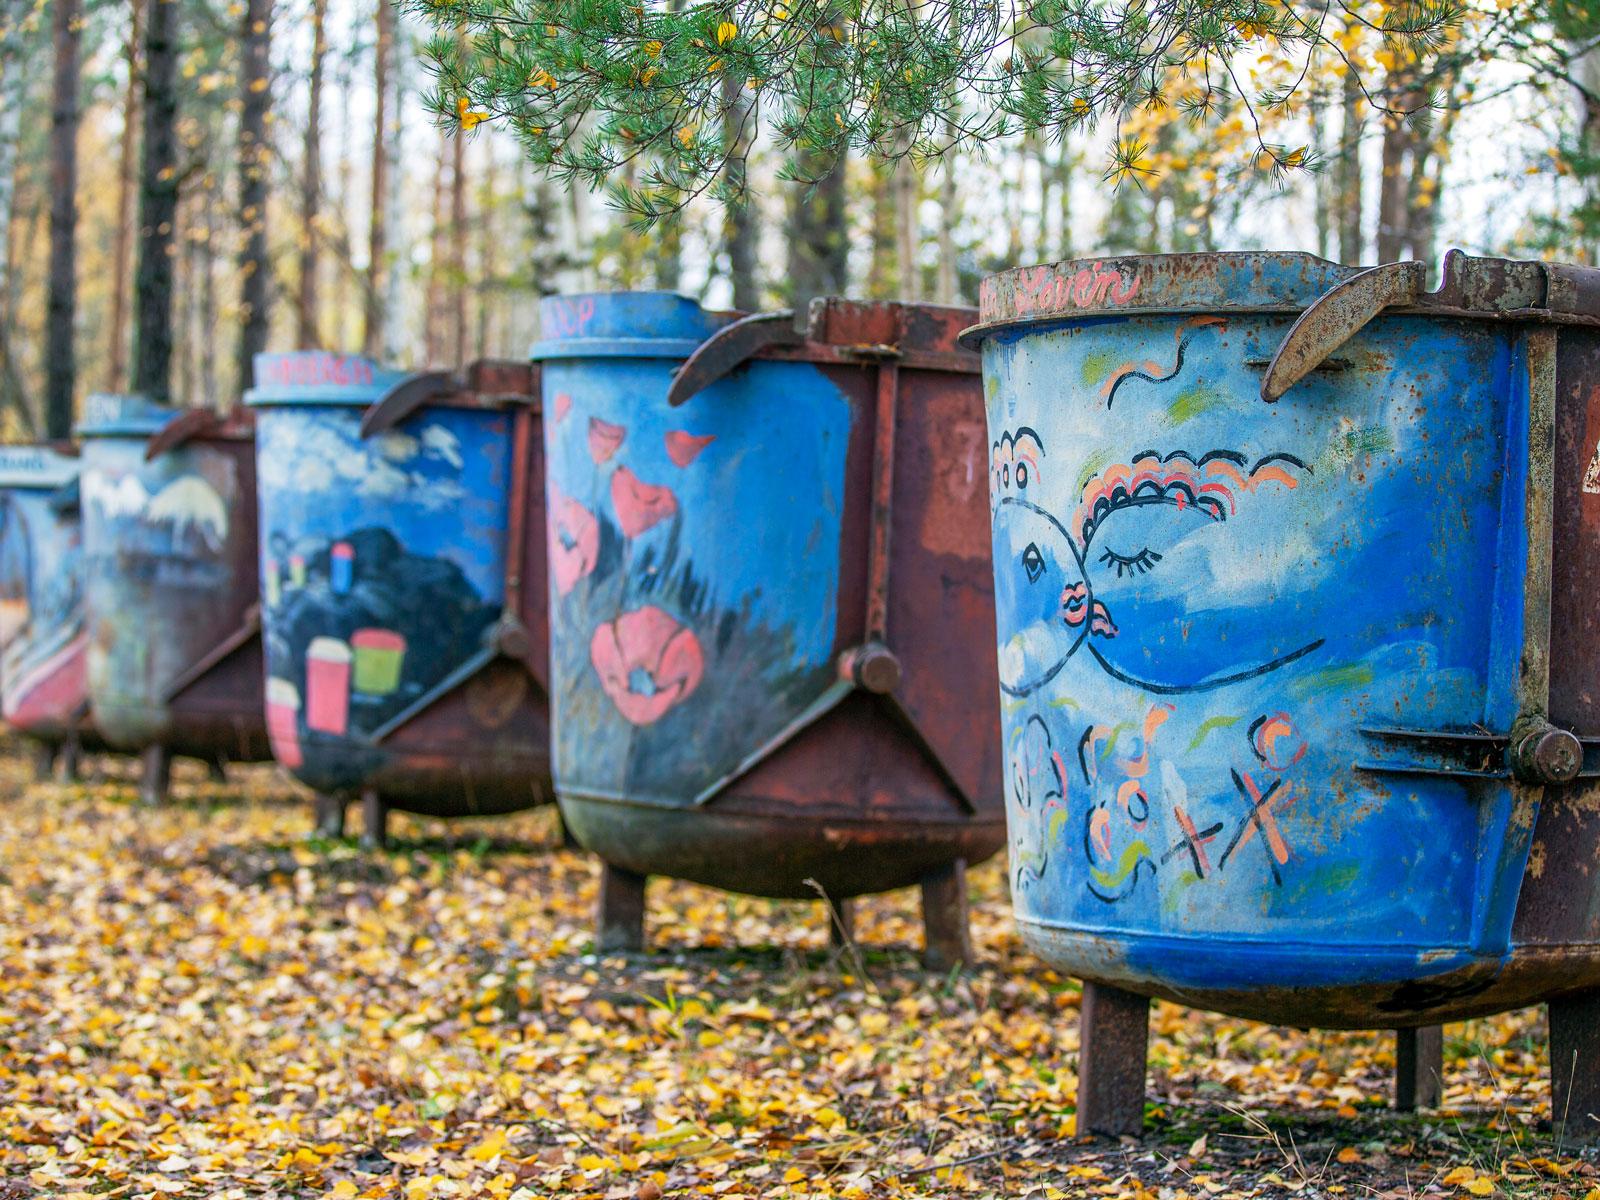 Konst på rostiga korgar, utställningen finns vid utsiktsplatsen i Forsby.